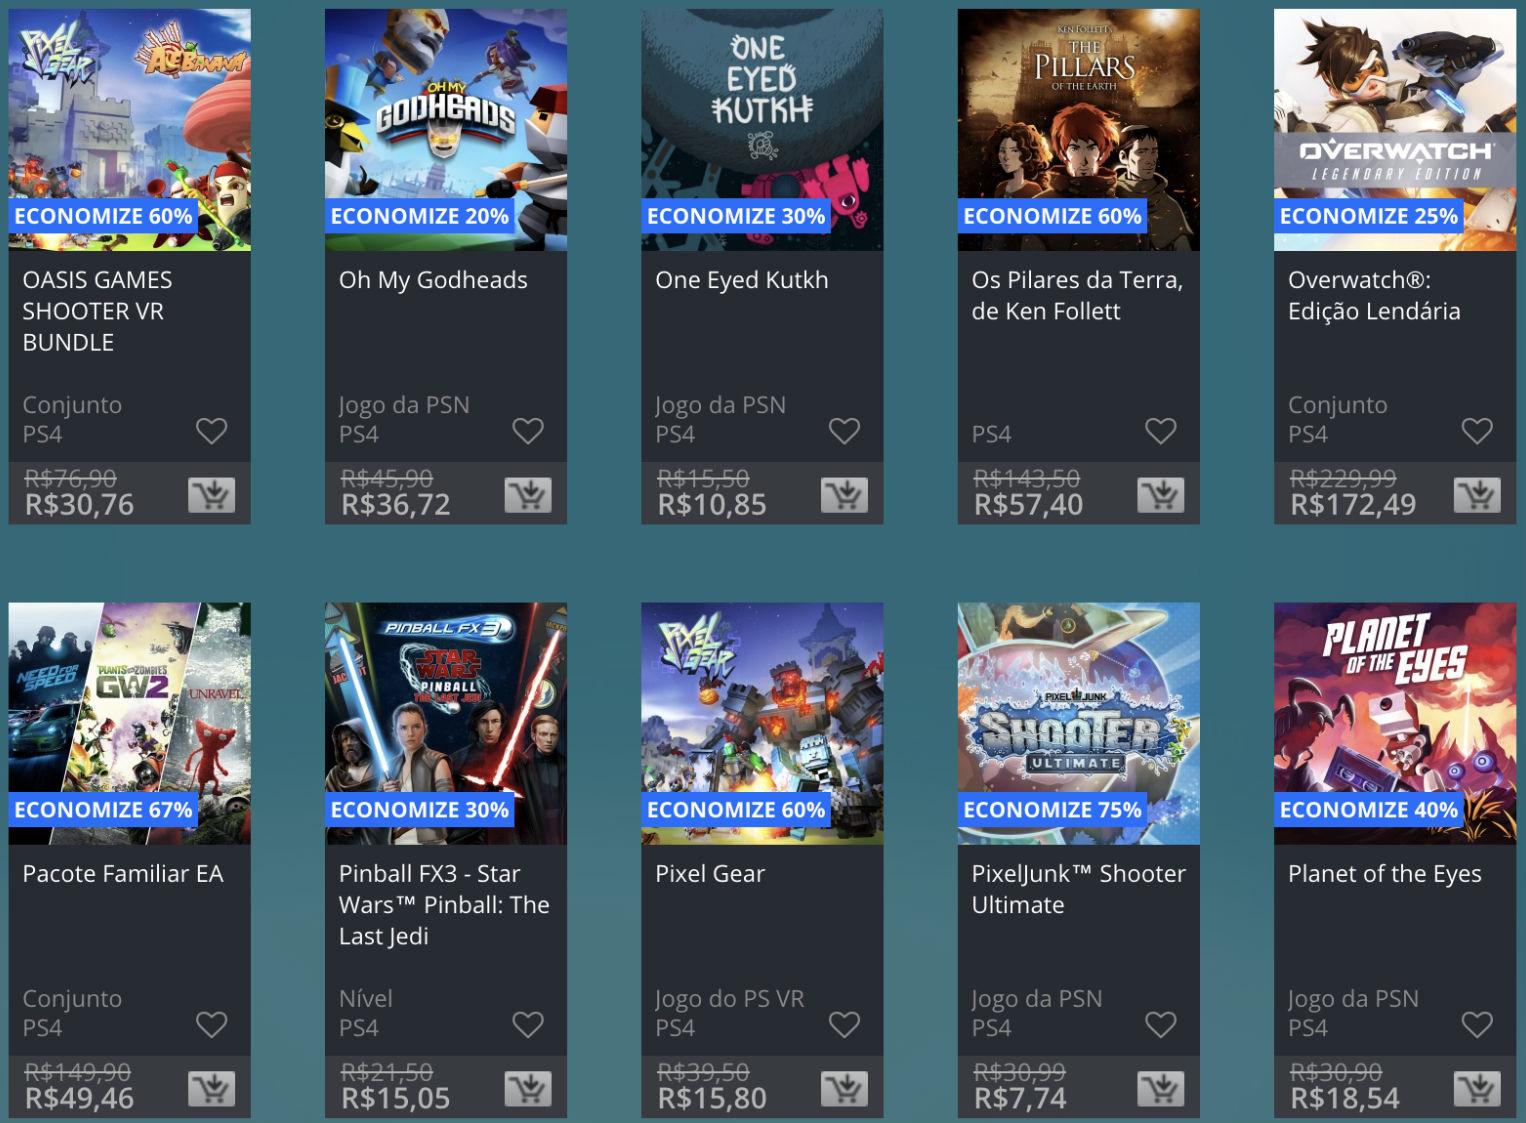 Promoção de Meio do Ano na PS Store com mais de 600 itens com preços que variam de R$ 10 a R$ 200 33